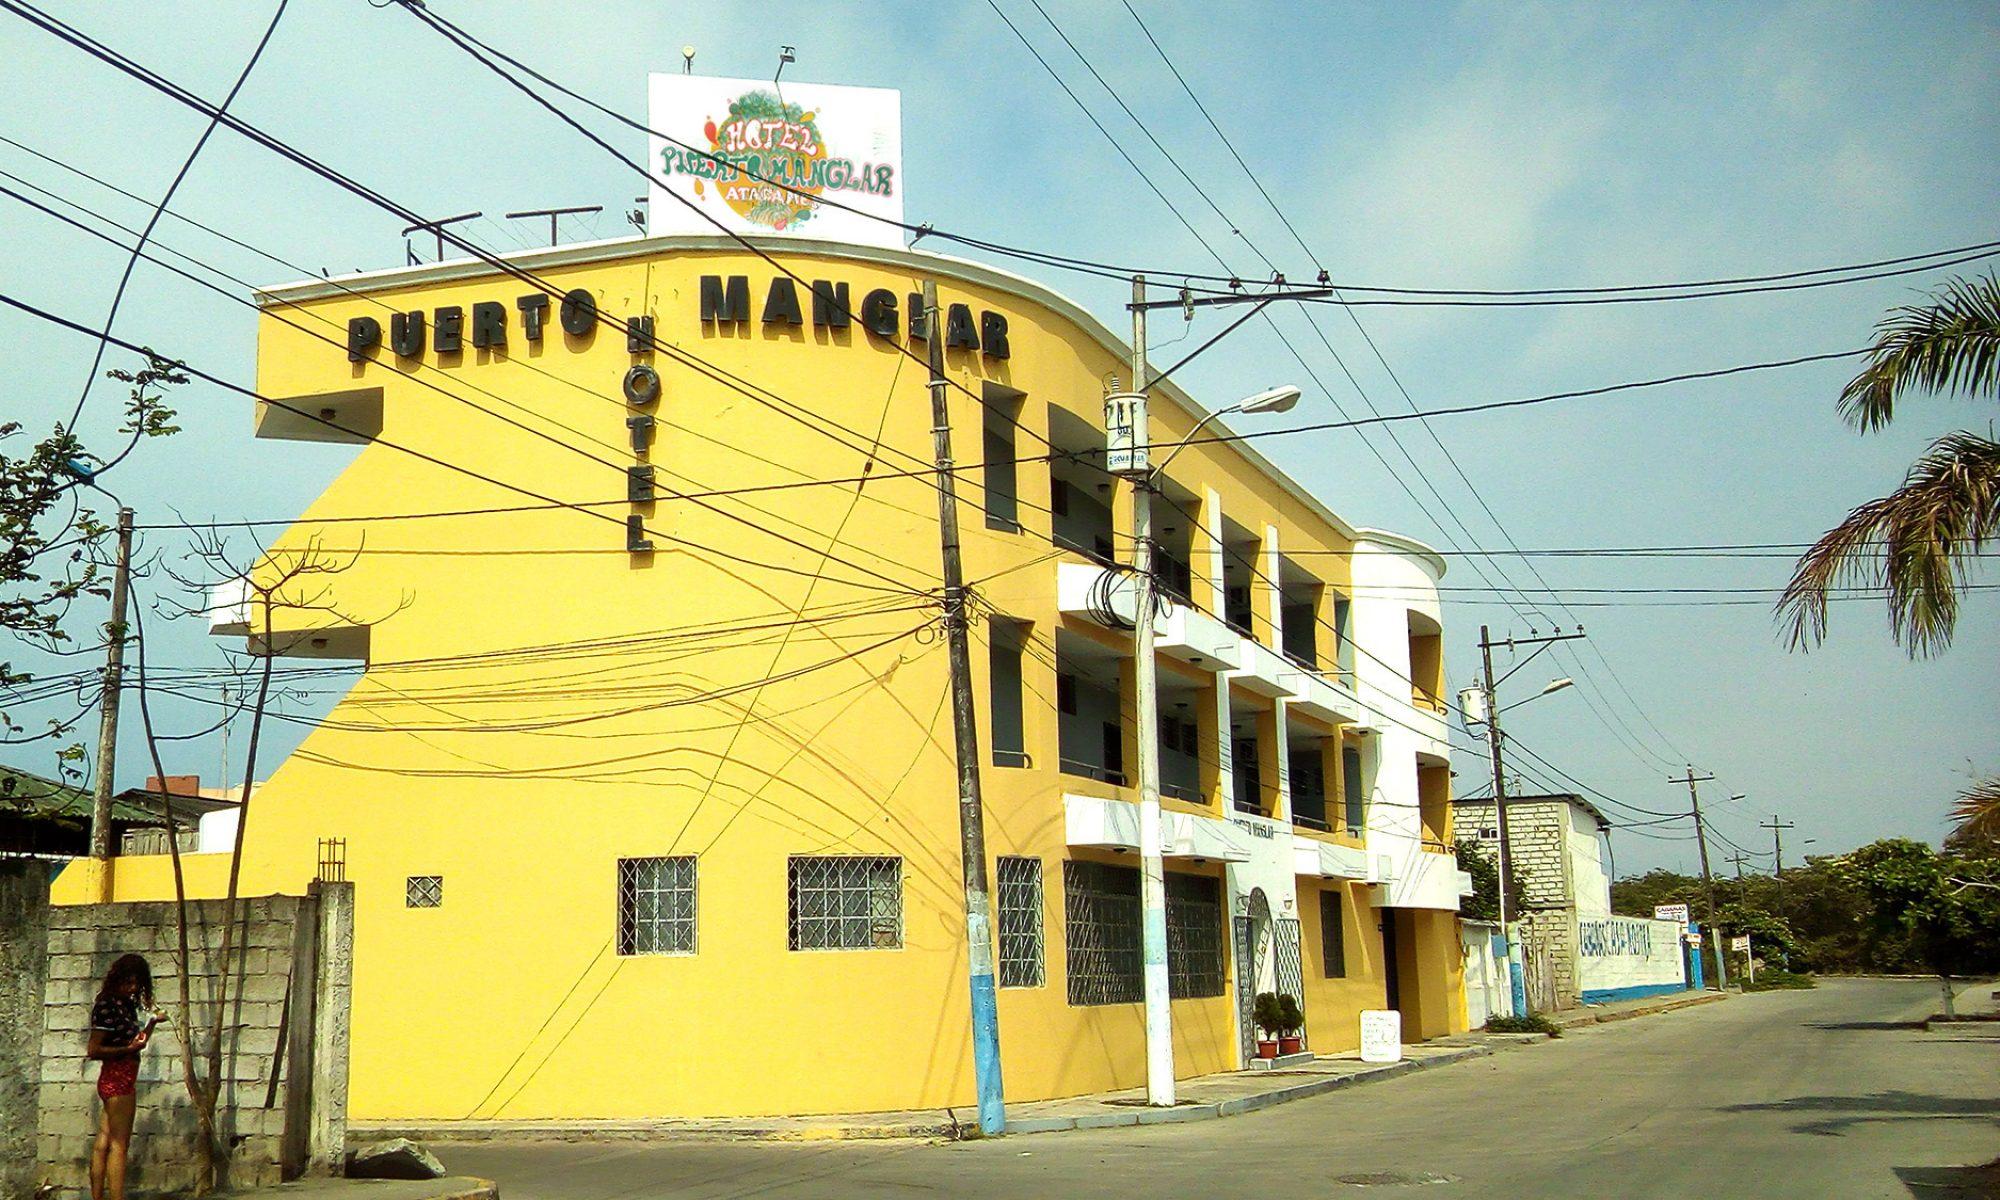 Puerto Manglar